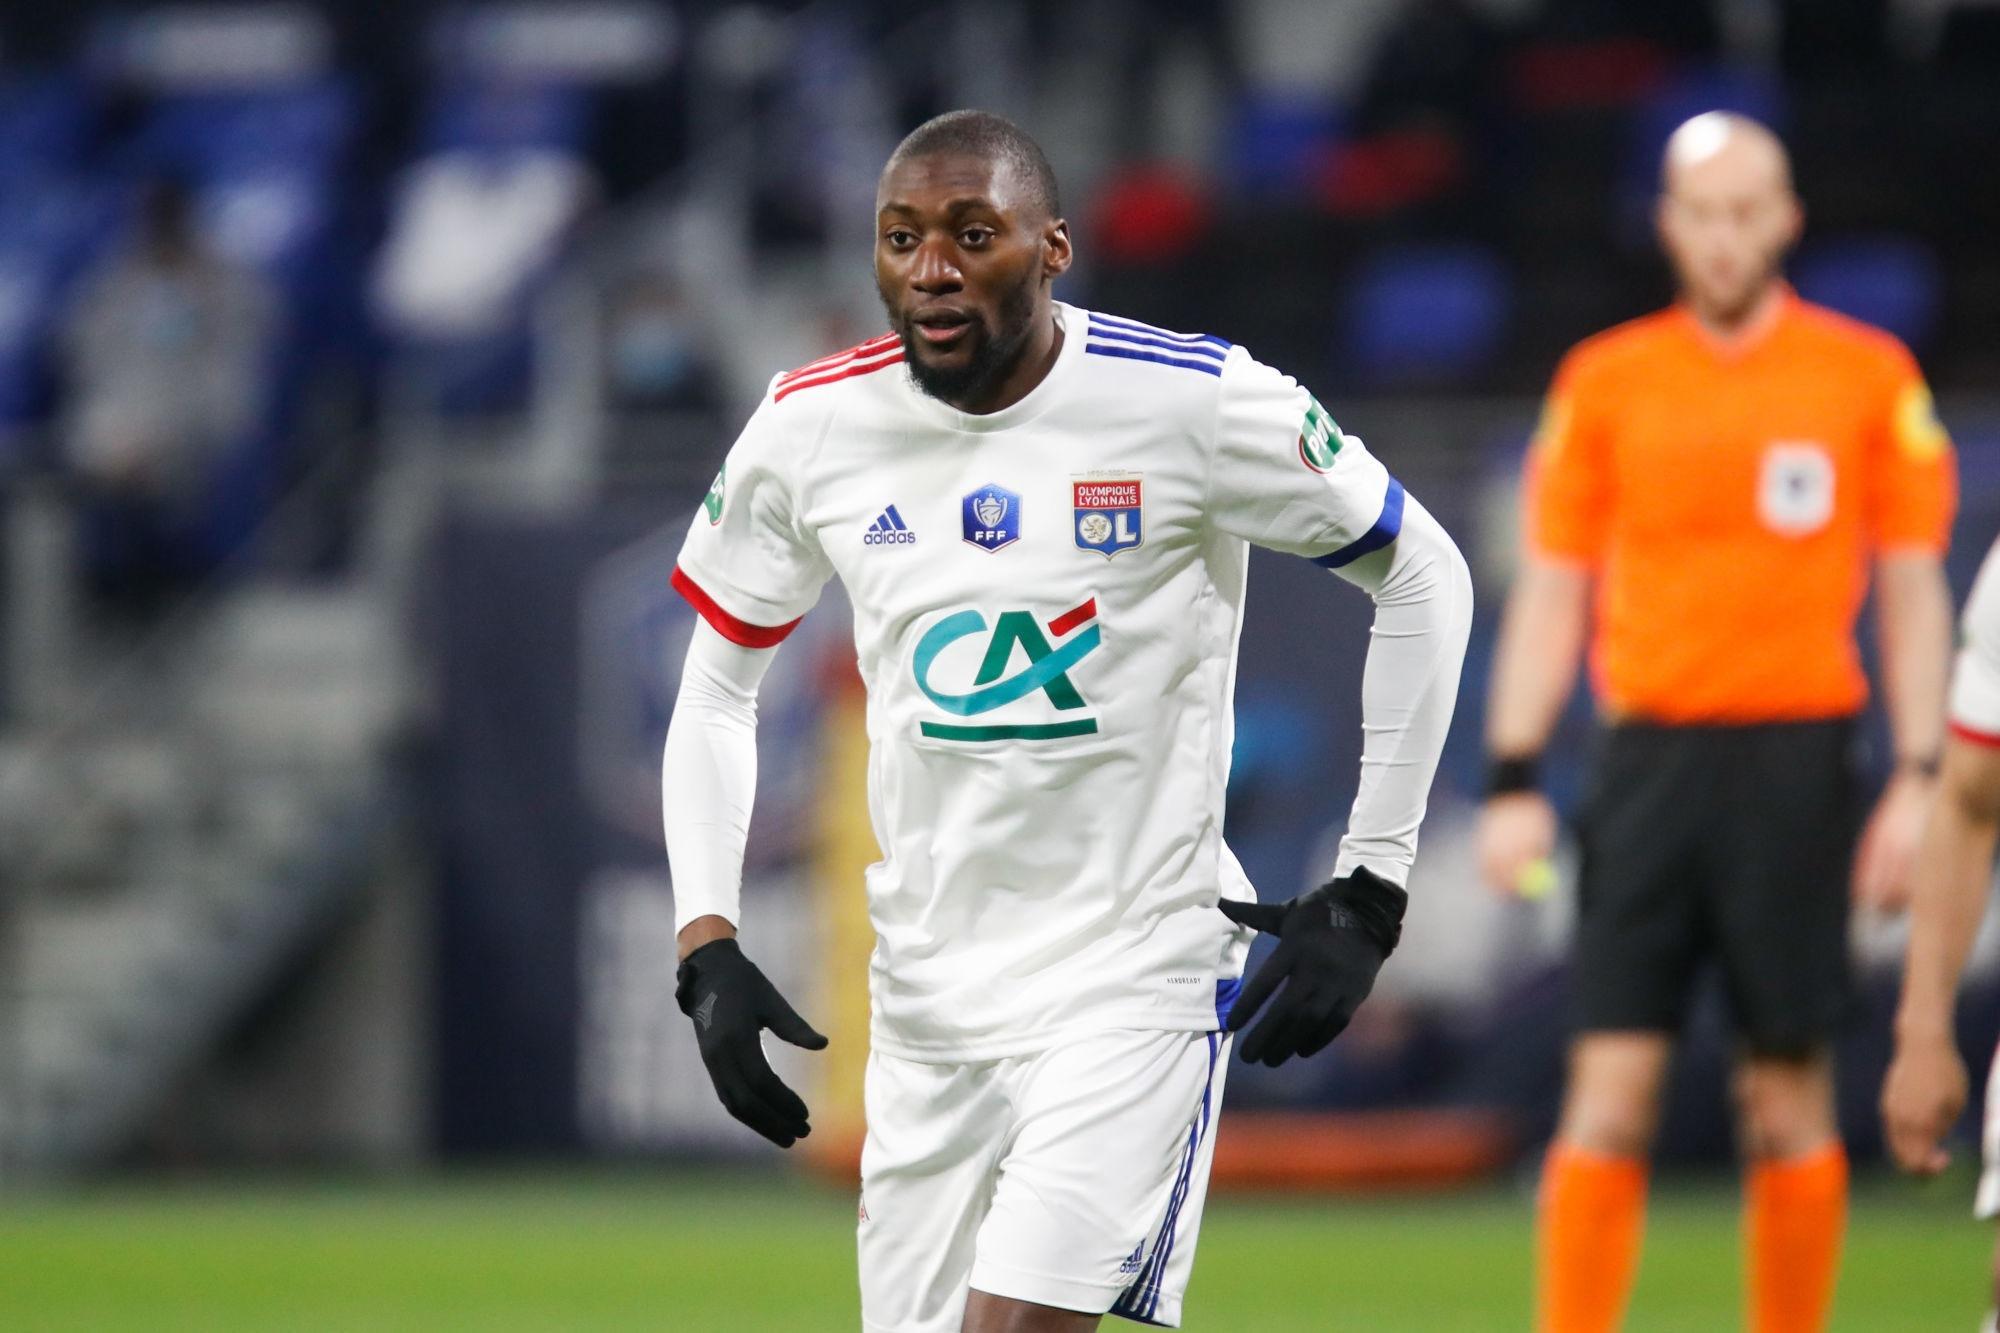 """Lyon/PSG - Toko-Ekambi """"on les a battus à l'aller donc on va faire le maximum"""""""